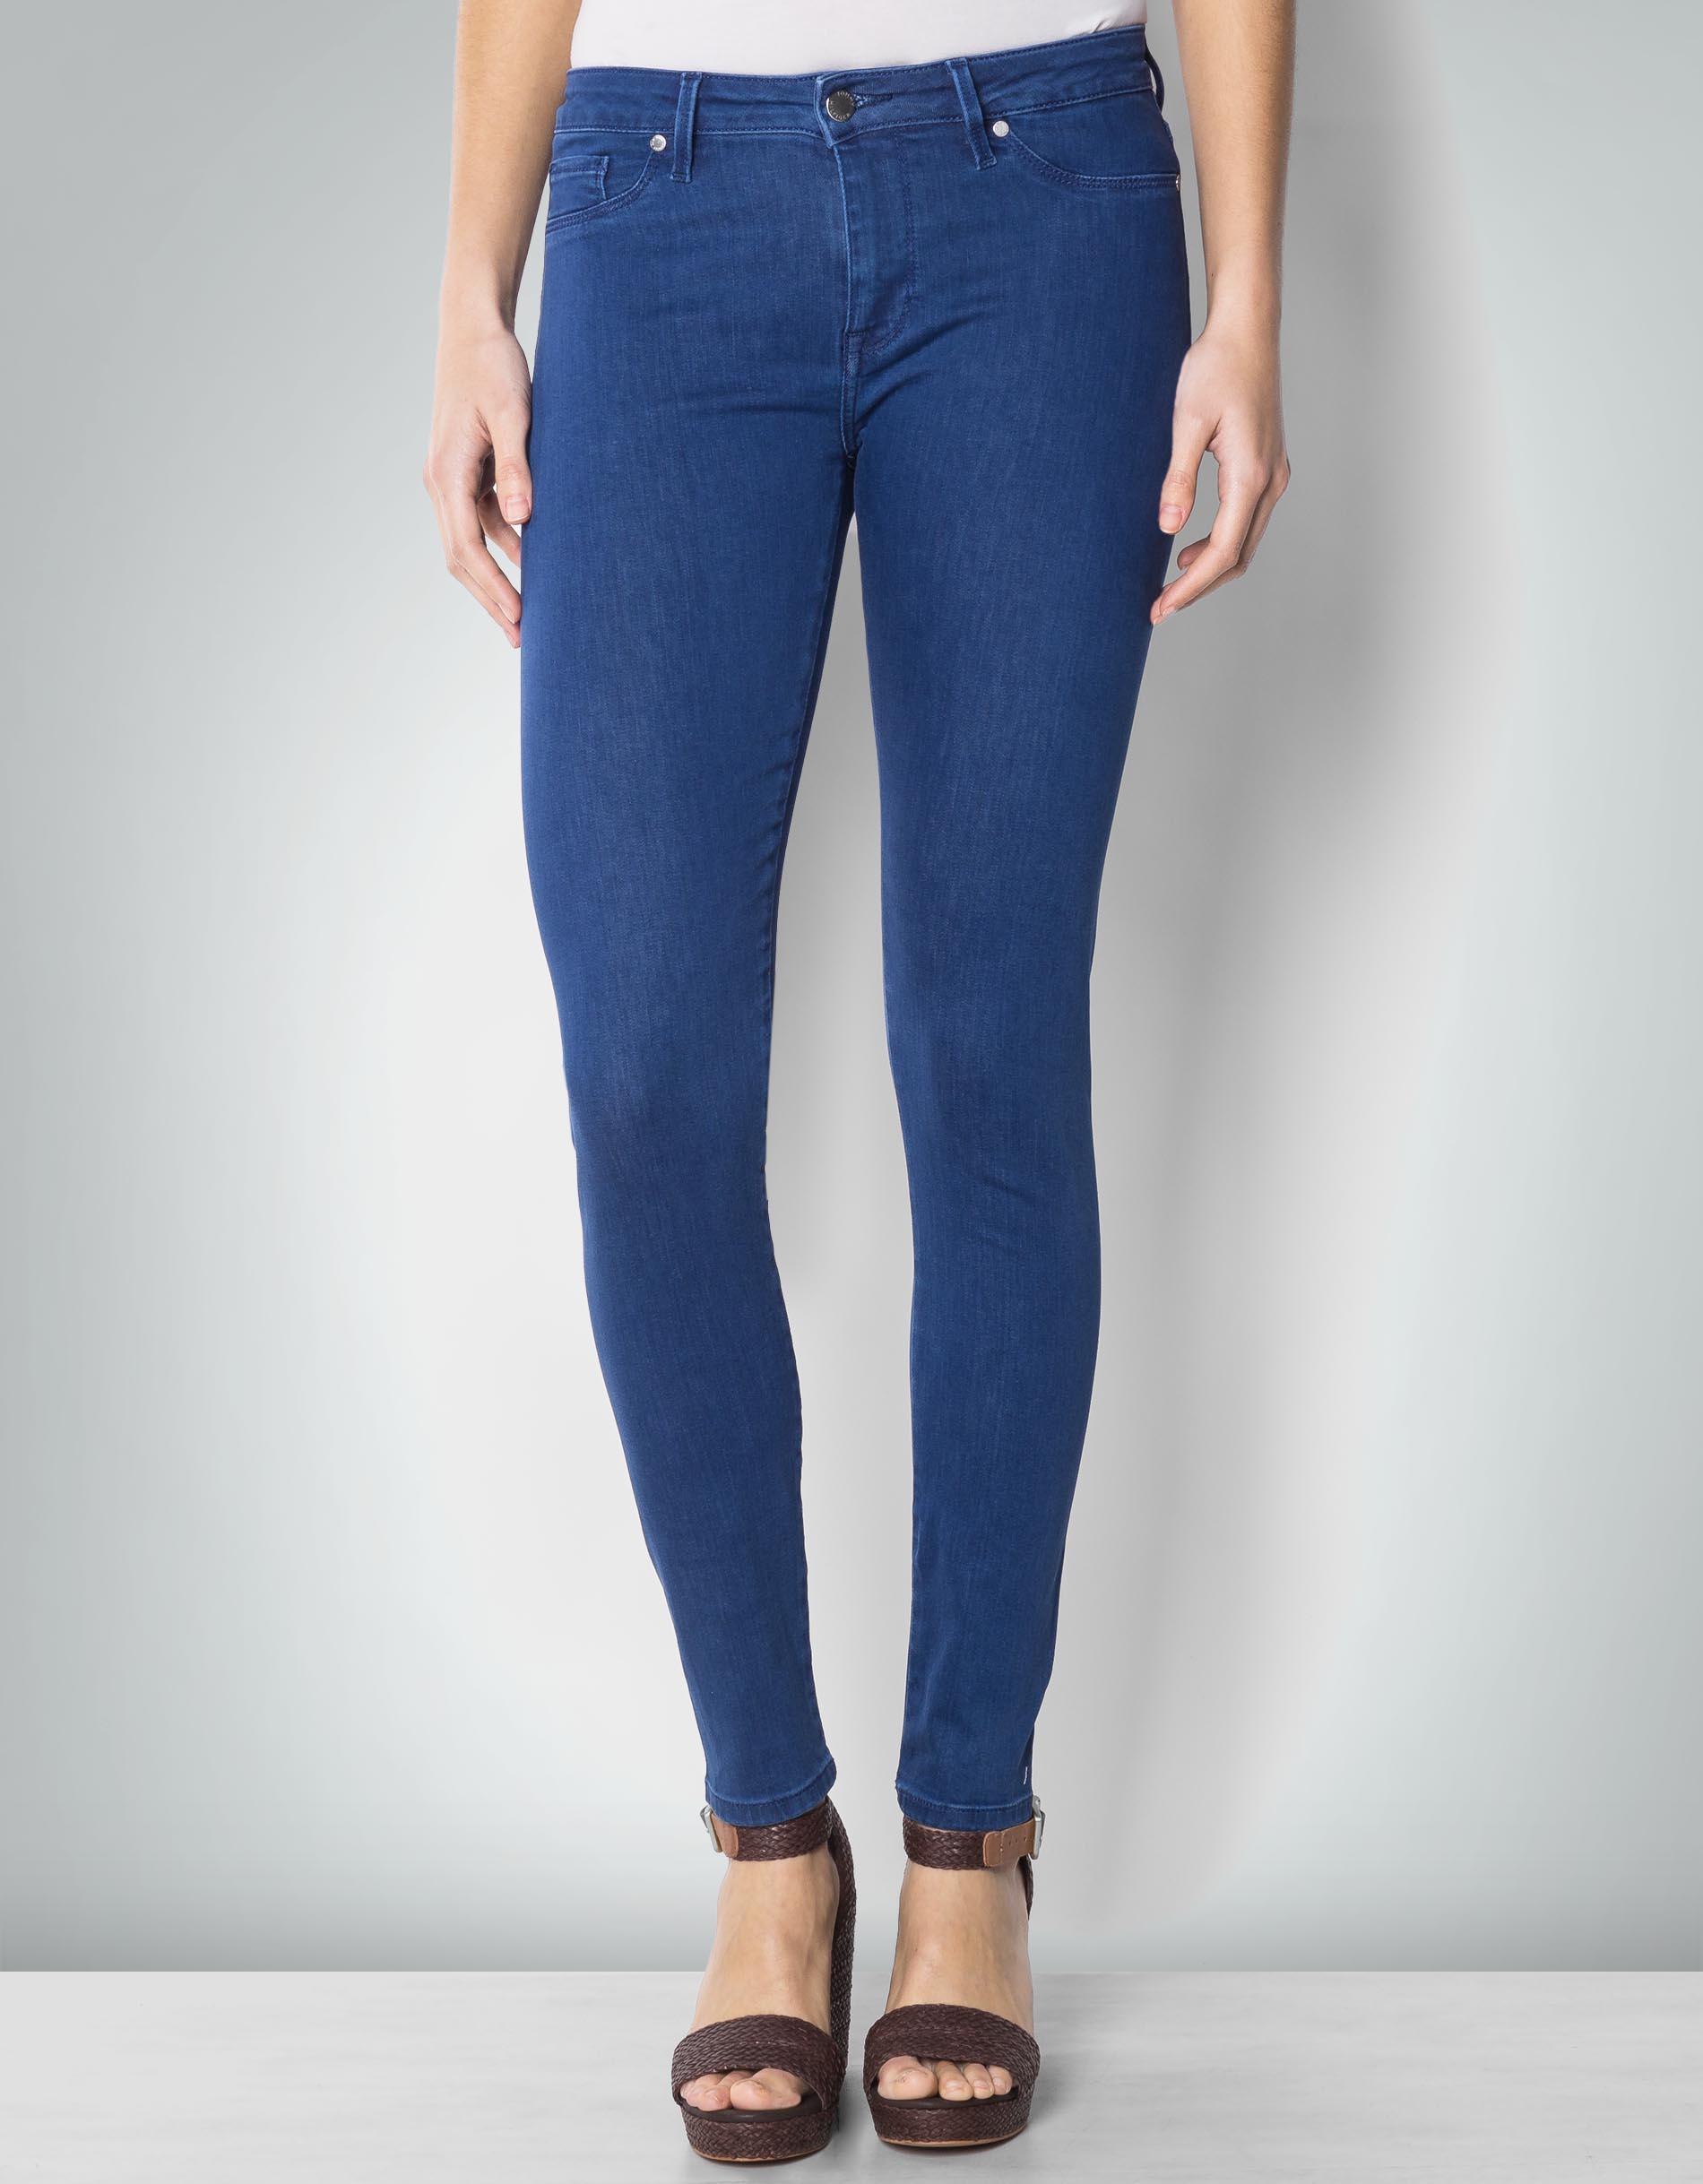 tommy hilfiger damen jeans jegging im denim style. Black Bedroom Furniture Sets. Home Design Ideas